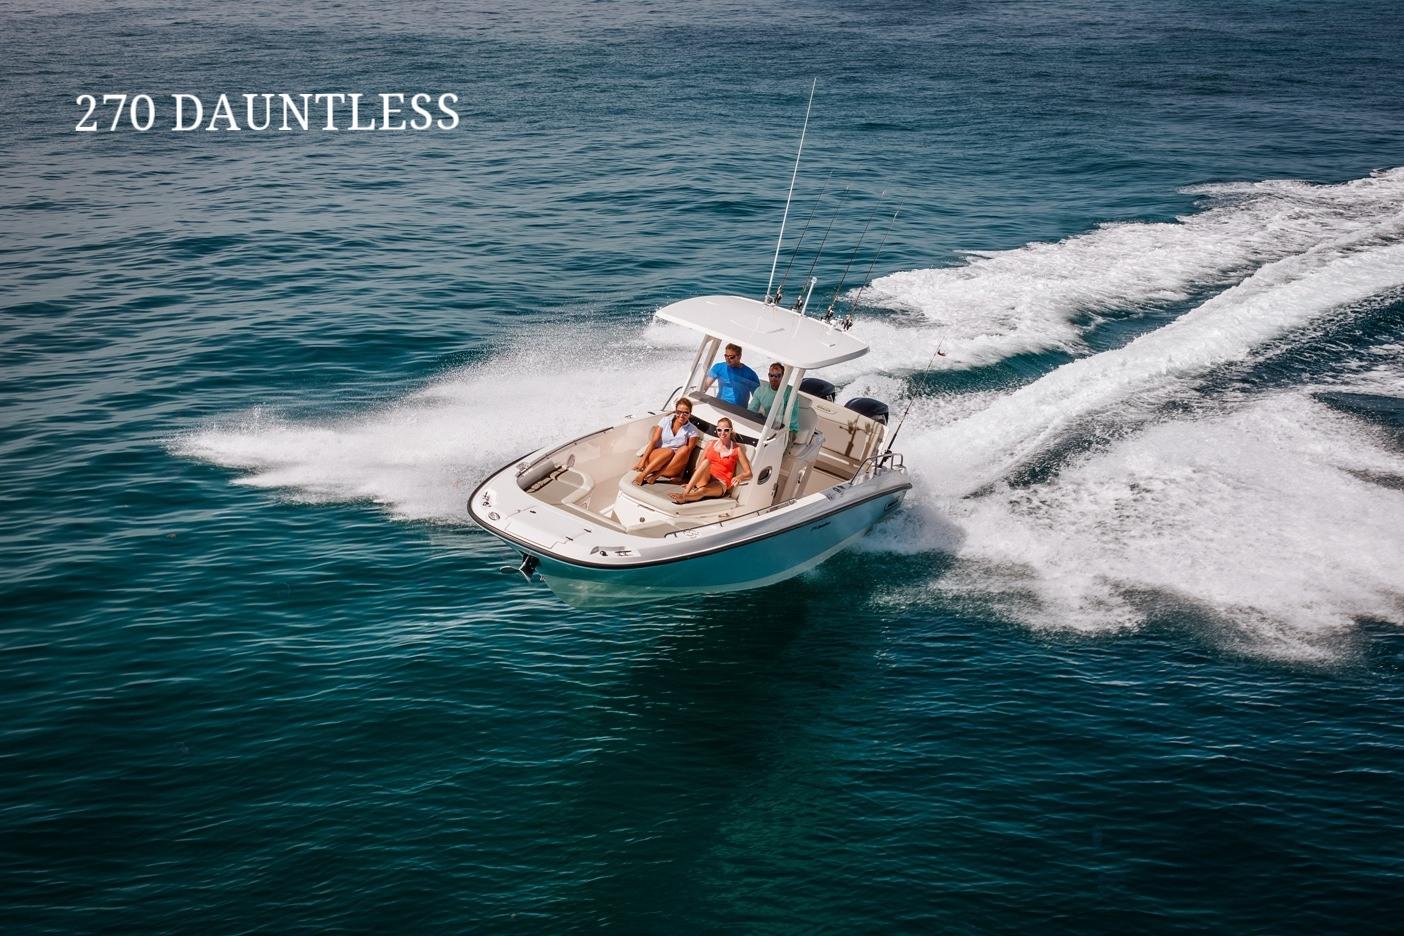 270-Dauntless-Gallery-1.jpg